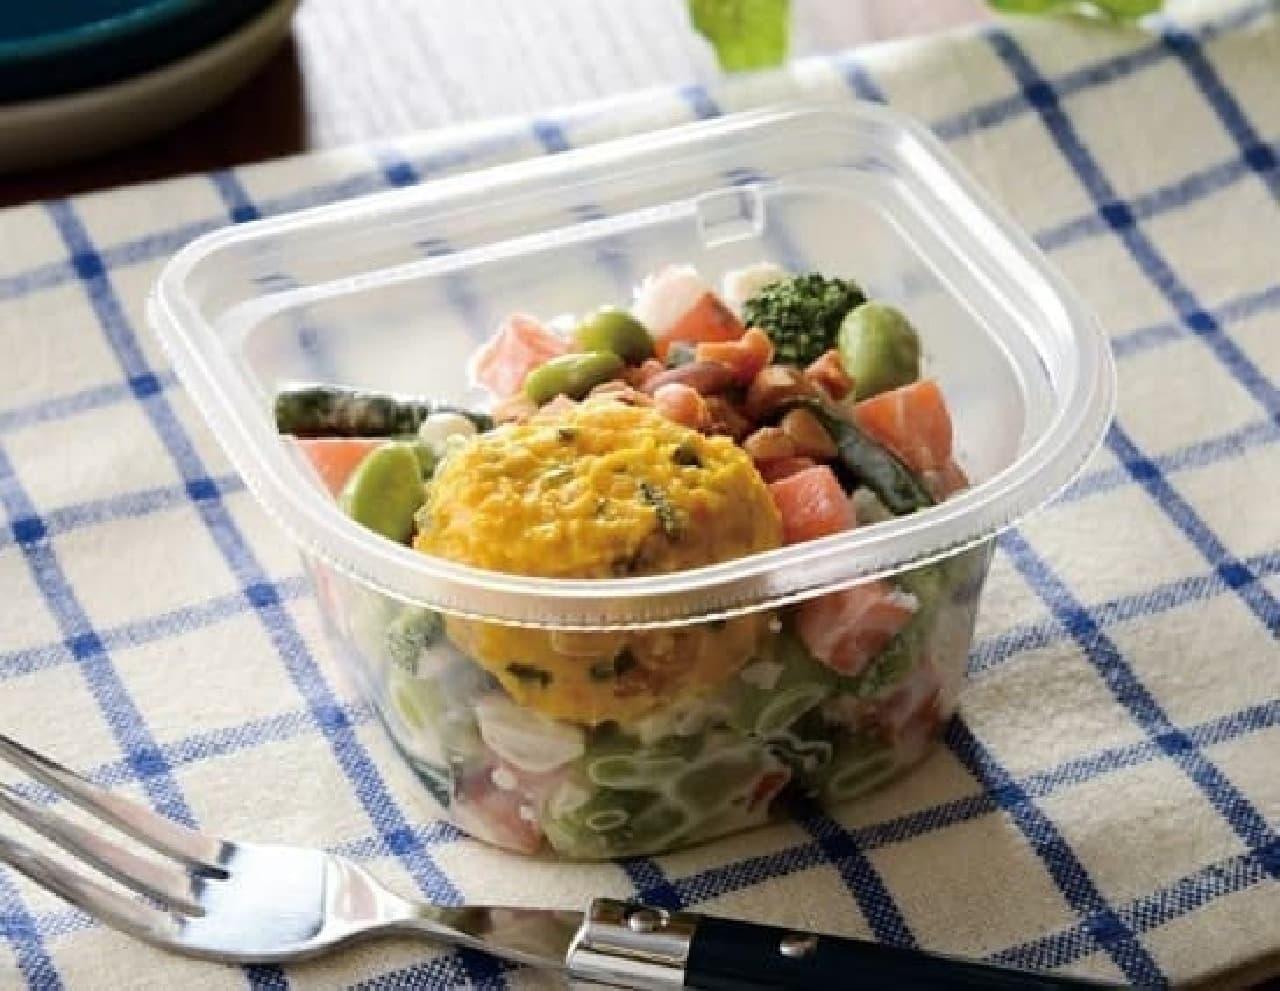 ローソンの「カップデリカ ナッツと1/2日分の緑黄色野菜サラダ」